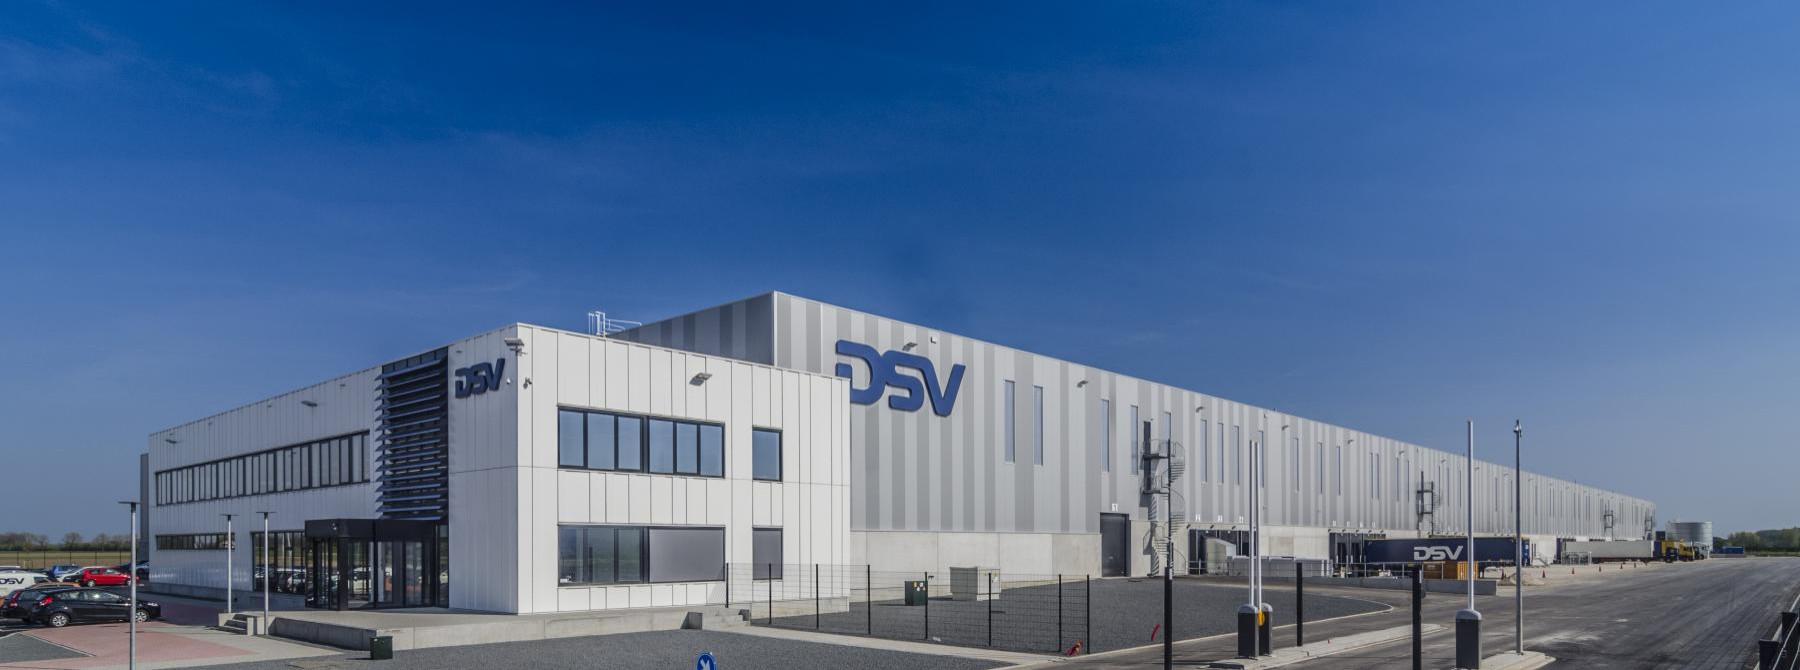 DSV sHG 1